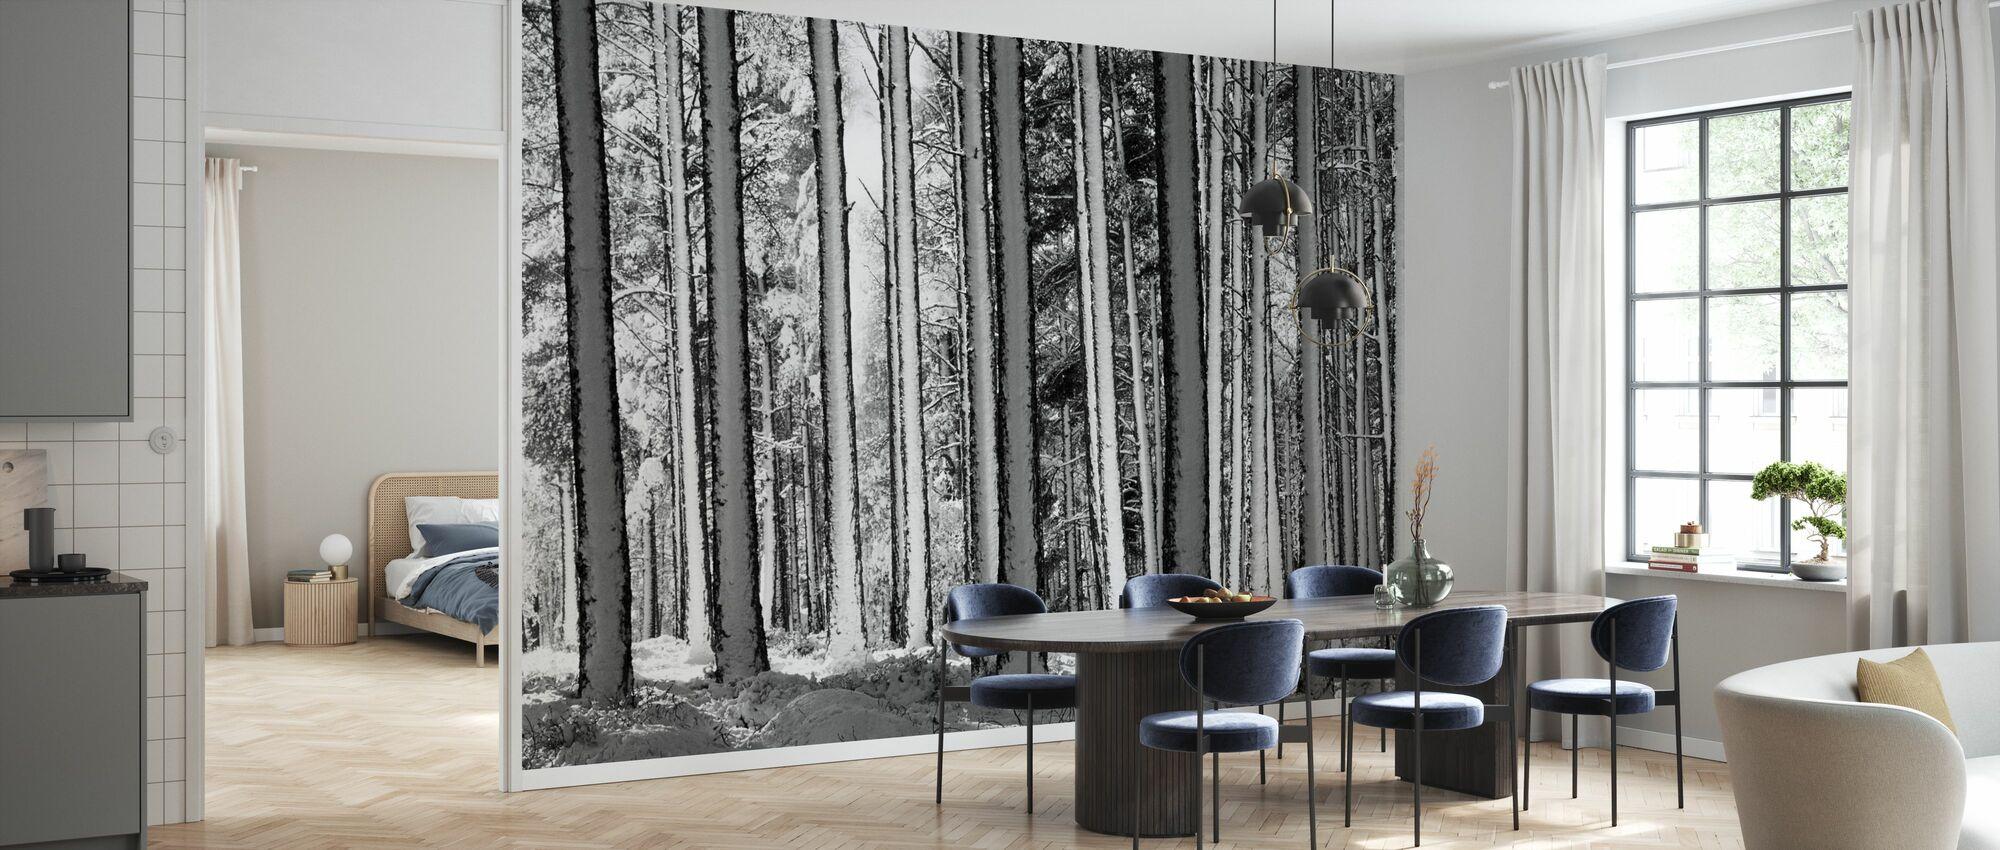 Winter Forest - b/w - Wallpaper - Kitchen